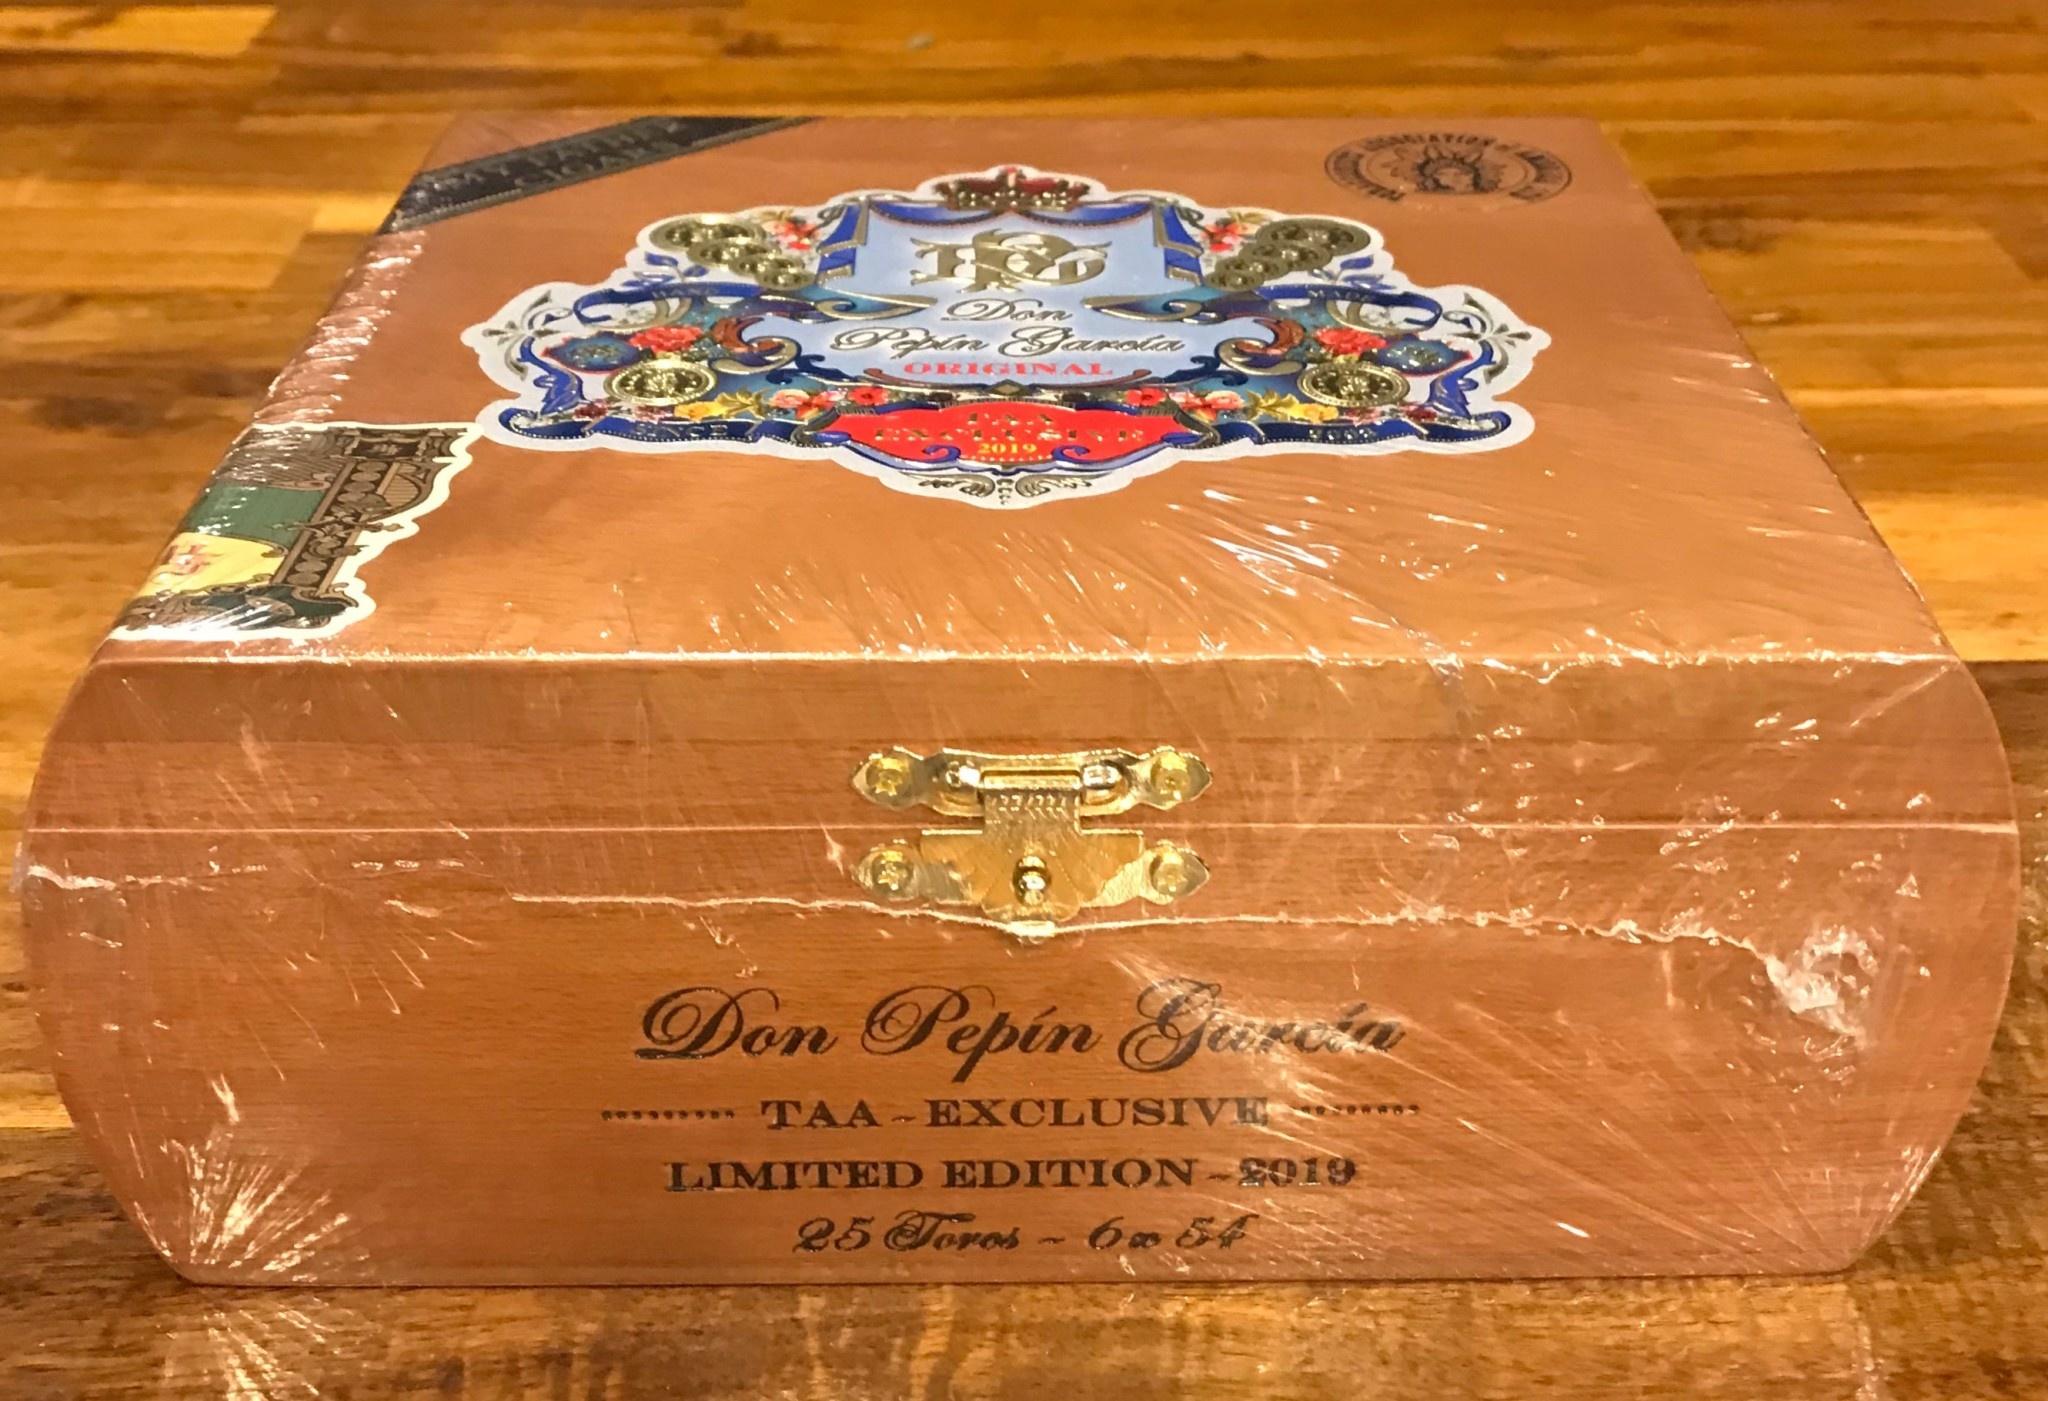 MY FATHER CIGAR DON PEPIN GARCIA TAA 2019 TORO 6x54 single